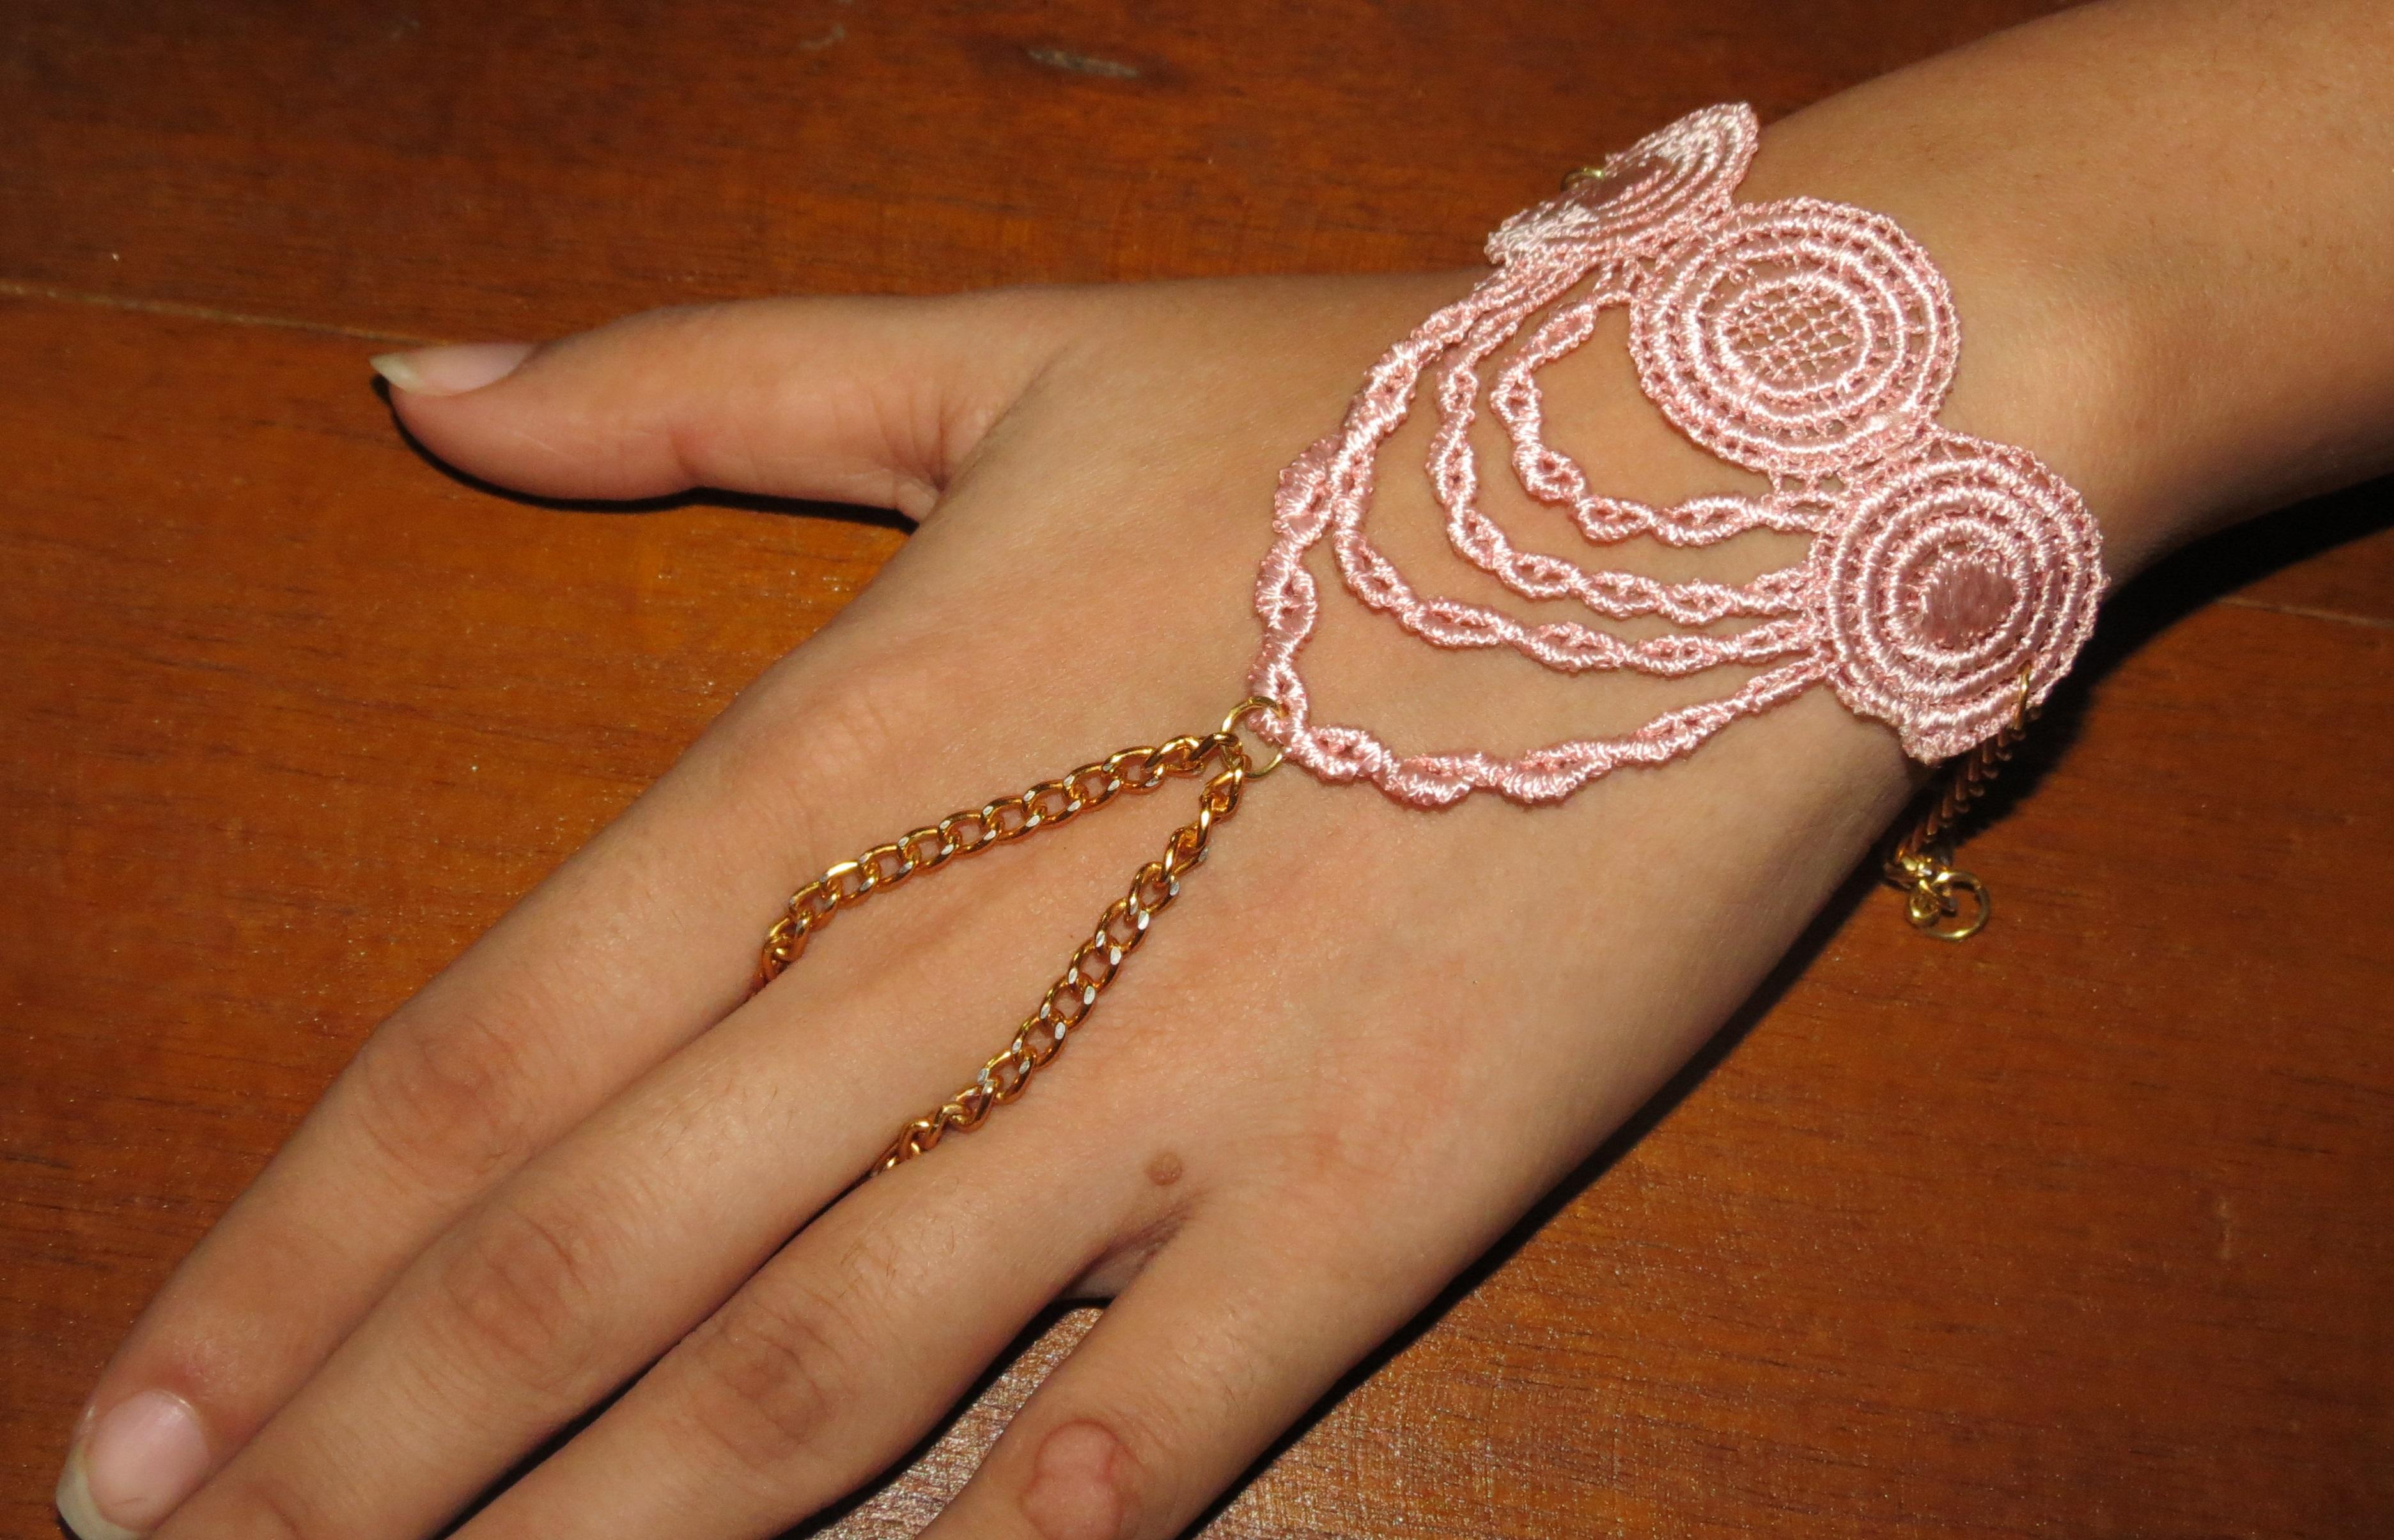 Ring + bracelet in one